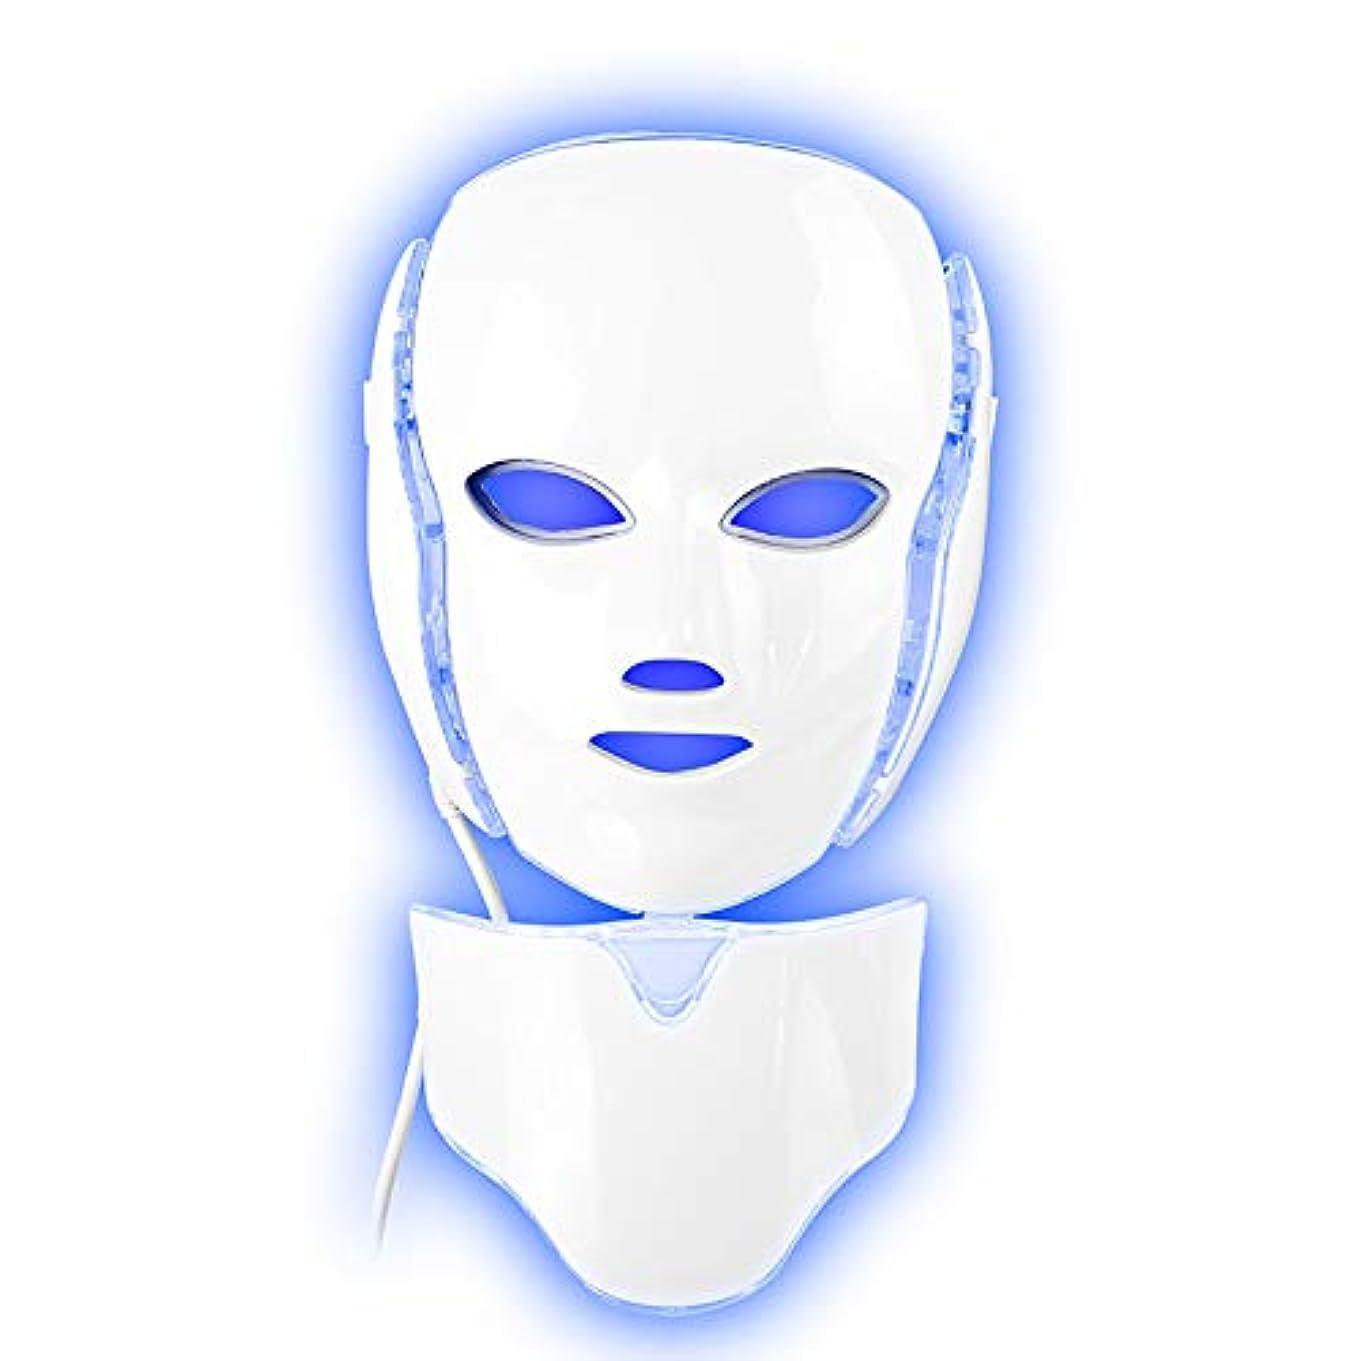 インタフェースパワーセル成長7色LEDライトフェイシャルマスクアンチニキビ治療肌ネックマスクセットで楽器を締めます